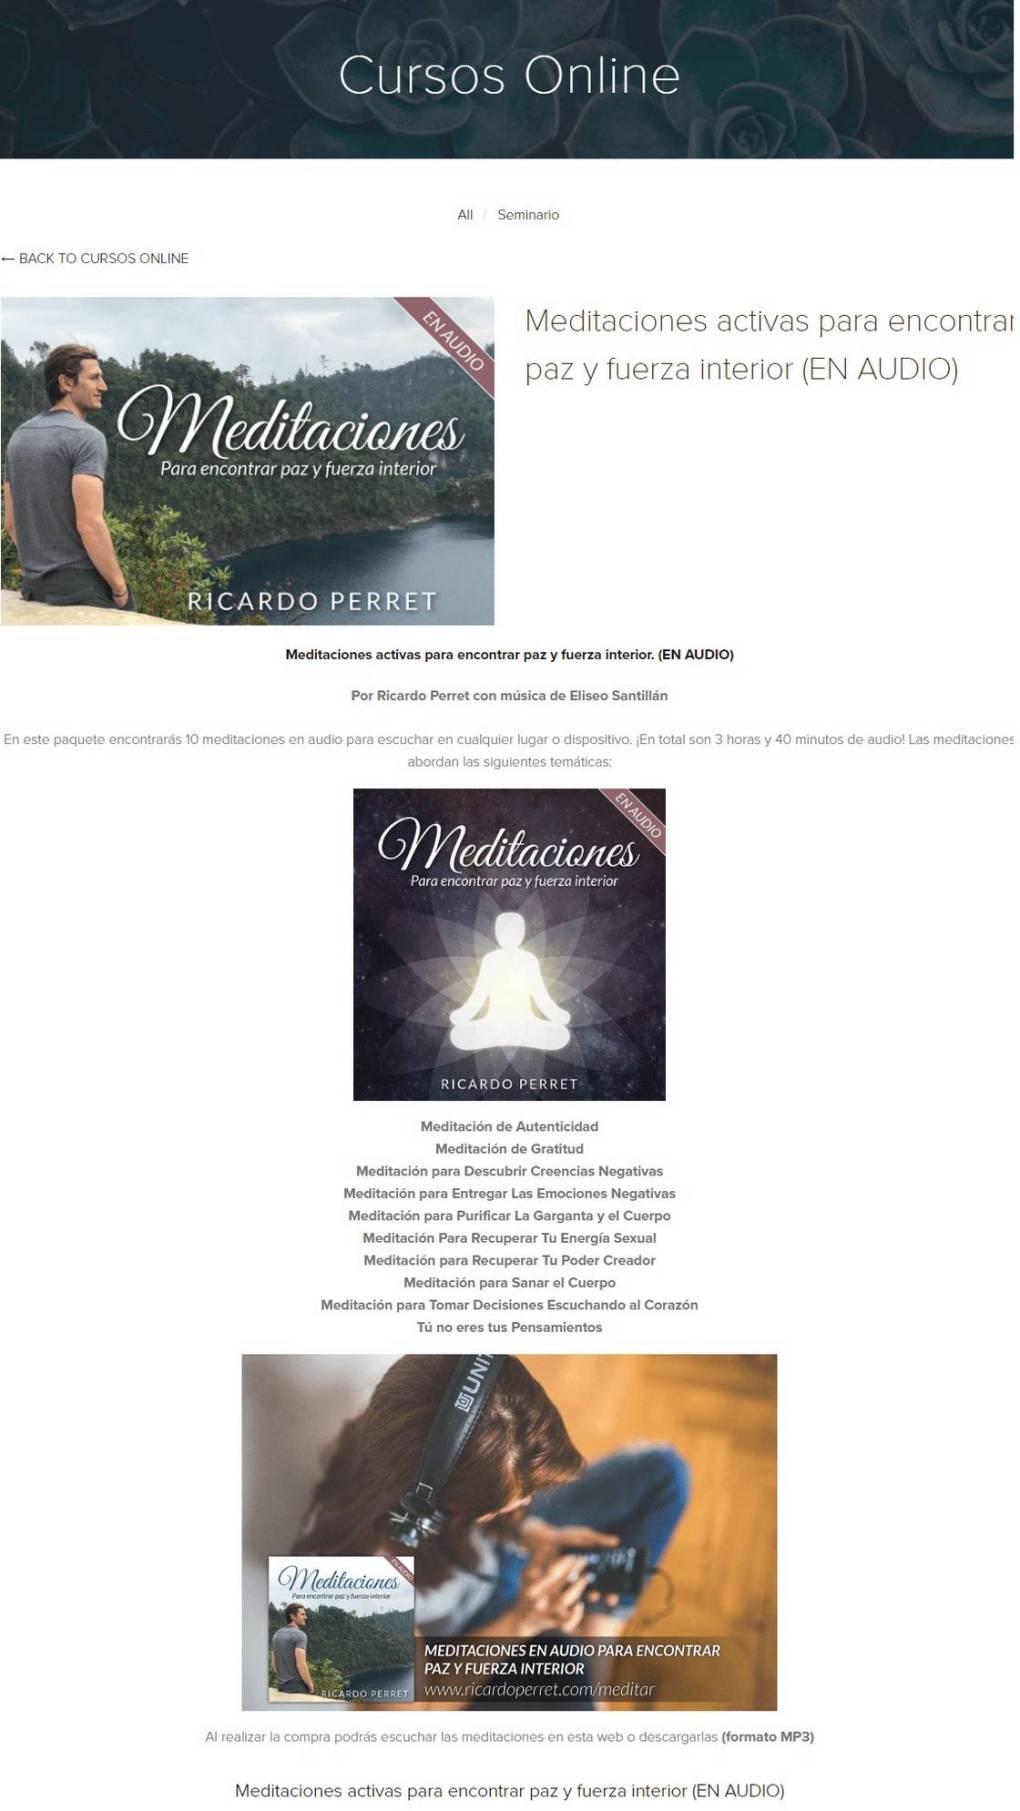 Meditaciones activas para encontrar paz y fuerza interior - Ricardo Perret En este paquete encontrarás 10 meditaciones en audio para escuchar en cualquier lugar o dispositivo. ¡En total son 3 horas y 40 minutos de audio! Las meditaciones abordan las siguientes temáticas: Meditación de Autenticidad Meditación de Gratitud Meditación para Descubrir Creencias Negativas Meditación para Entregar Las Emociones Negativas Meditación para Purificar La Garganta y el Cuerpo Meditación Para Recuperar Tu Energía Sexual Meditación para Recuperar Tu Poder Creador Meditación para Sanar el Cuerpo Meditación para Tomar Decisiones Escuchando al Corazón Tú no eres tus Pensamientos